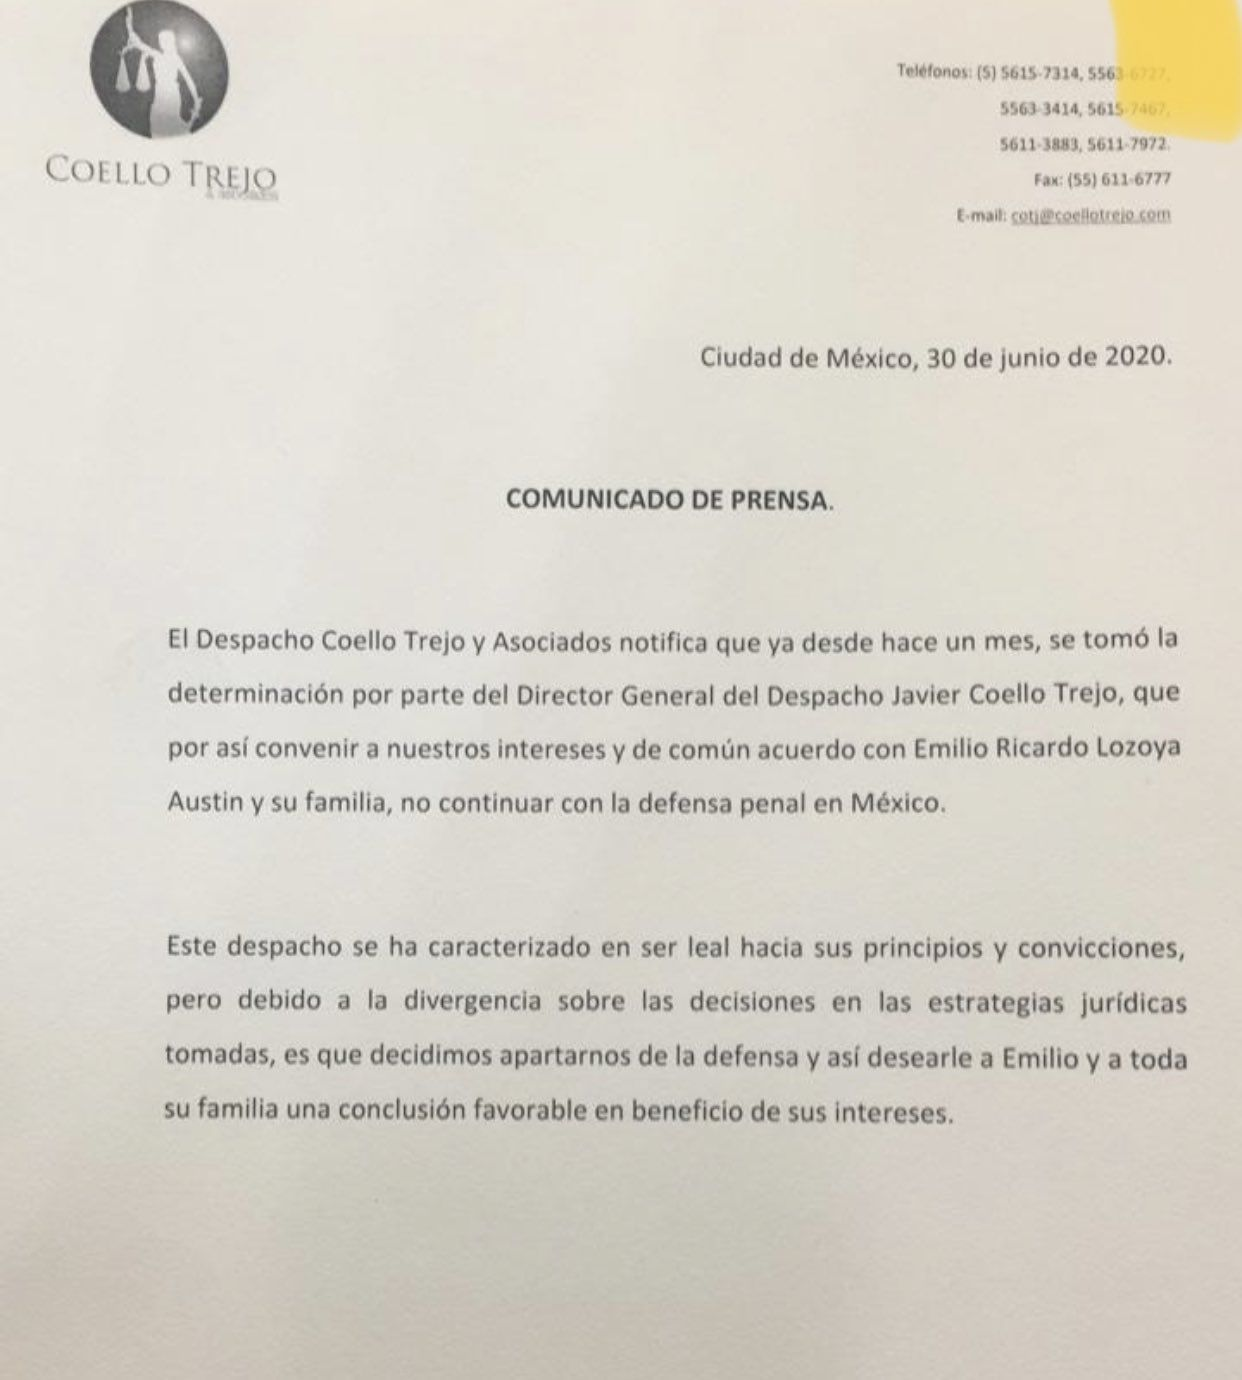 Así anunció Coello Trejo y Asociados su desvinculación de Emlio Lozoya y su familia. (Foto: Twitter)